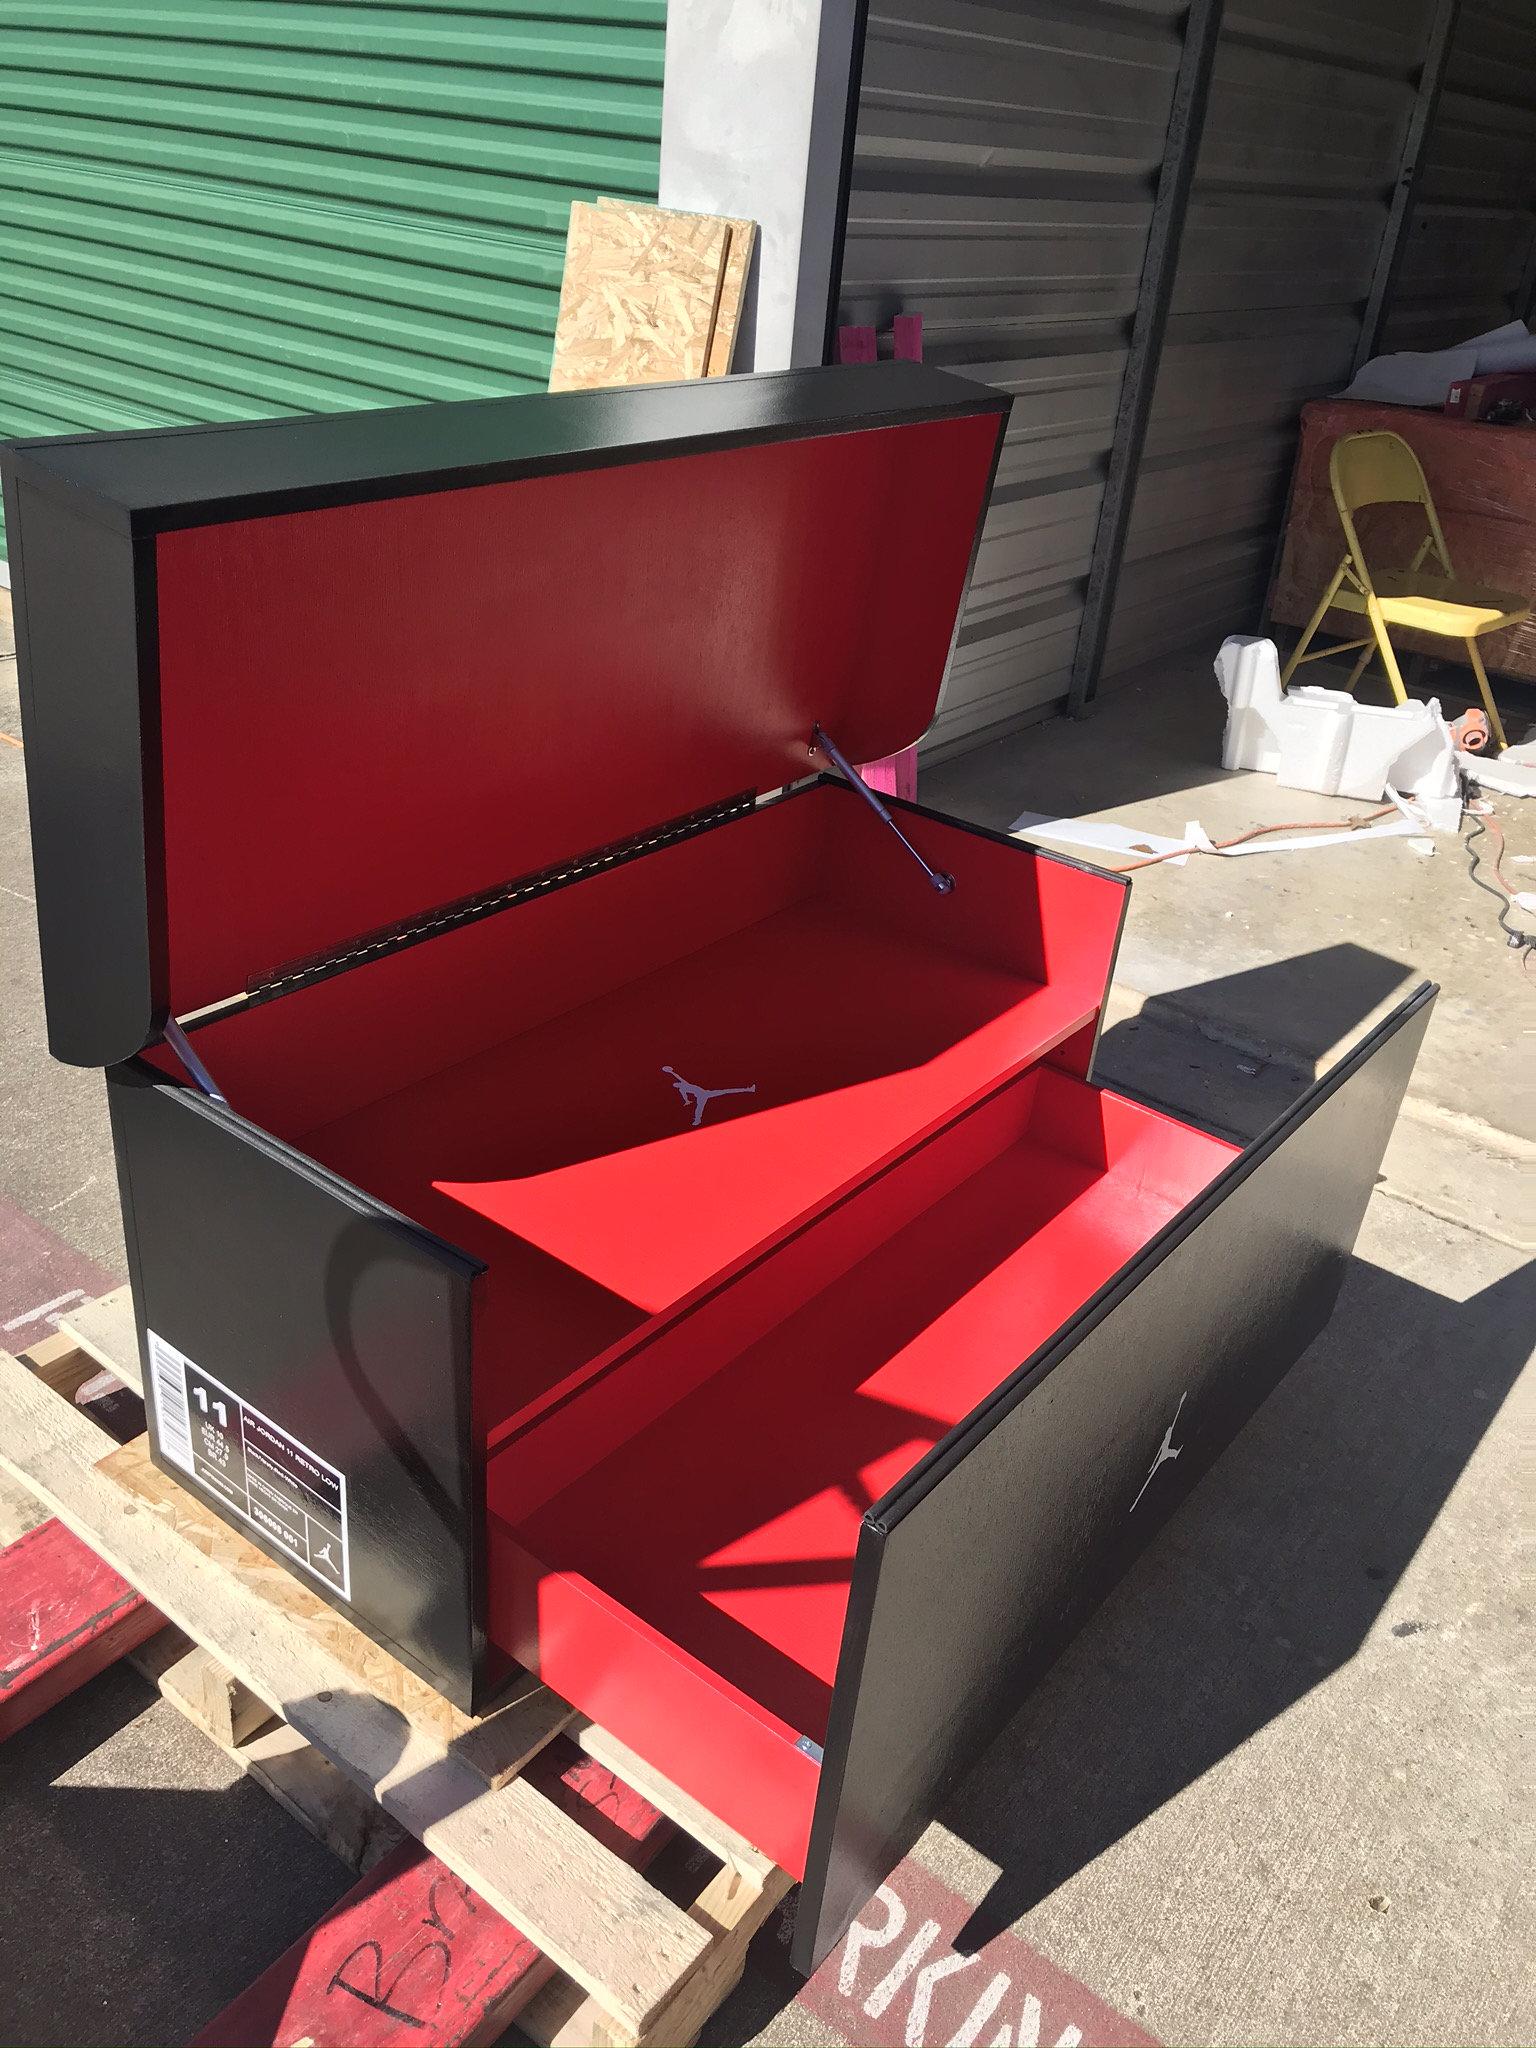 Giant Shoebox Storage, Giant Shoebox, Big Shoe Box, Shoe Organizer, Giant Shoe Box, Shoe Storage (FREE SHIPPING)